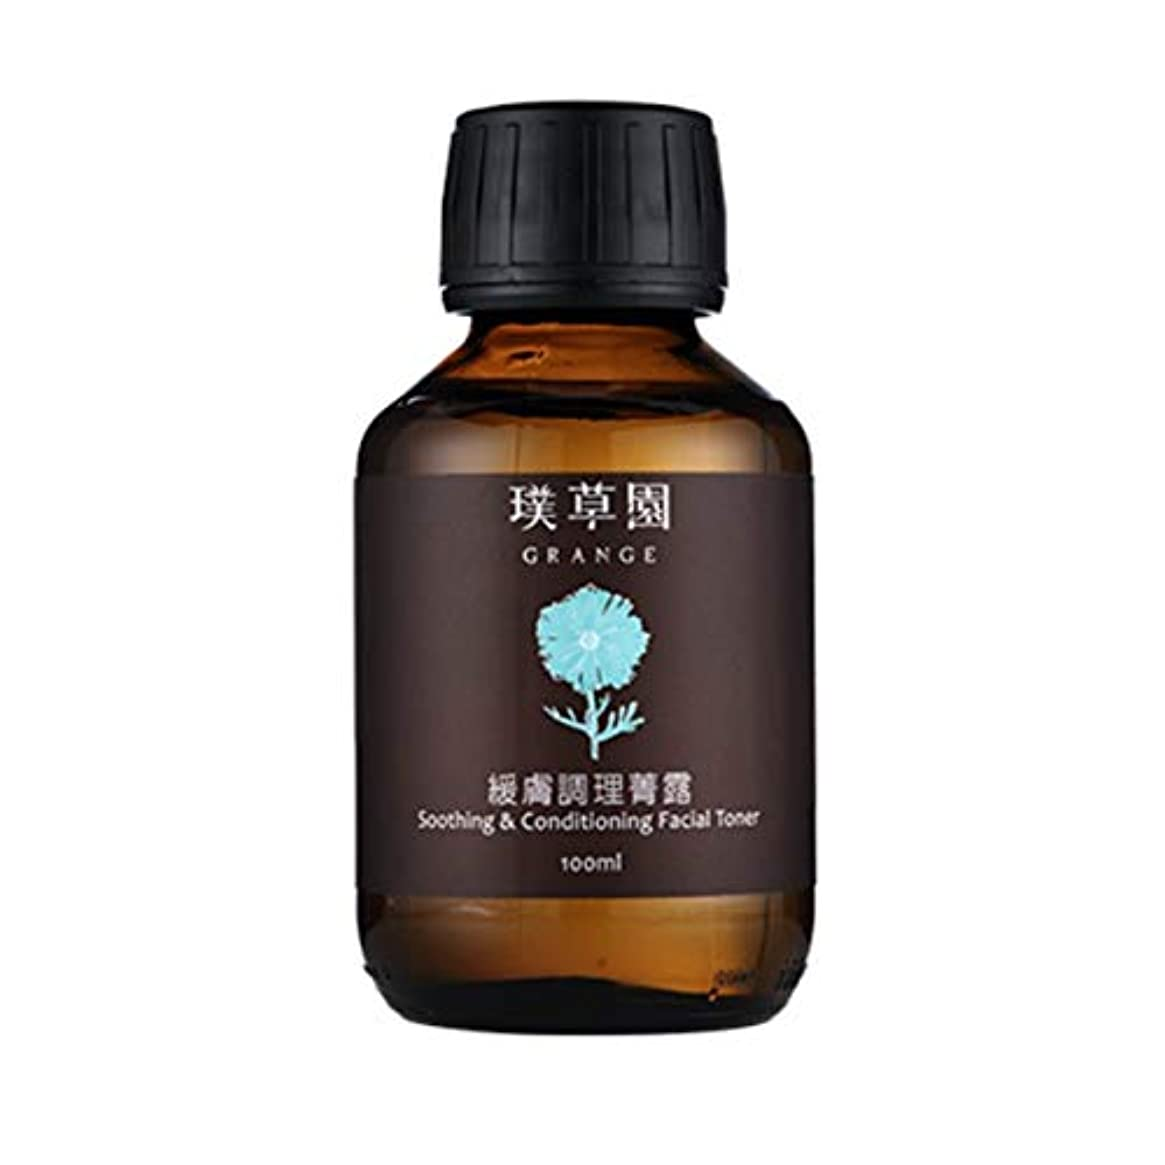 成熟したキーブロンズオーガニック 化粧水 GRANGE(グレンジ) スージング&コンディショニングフェイシャルトナー 100ml 「 無添加 高保湿 」